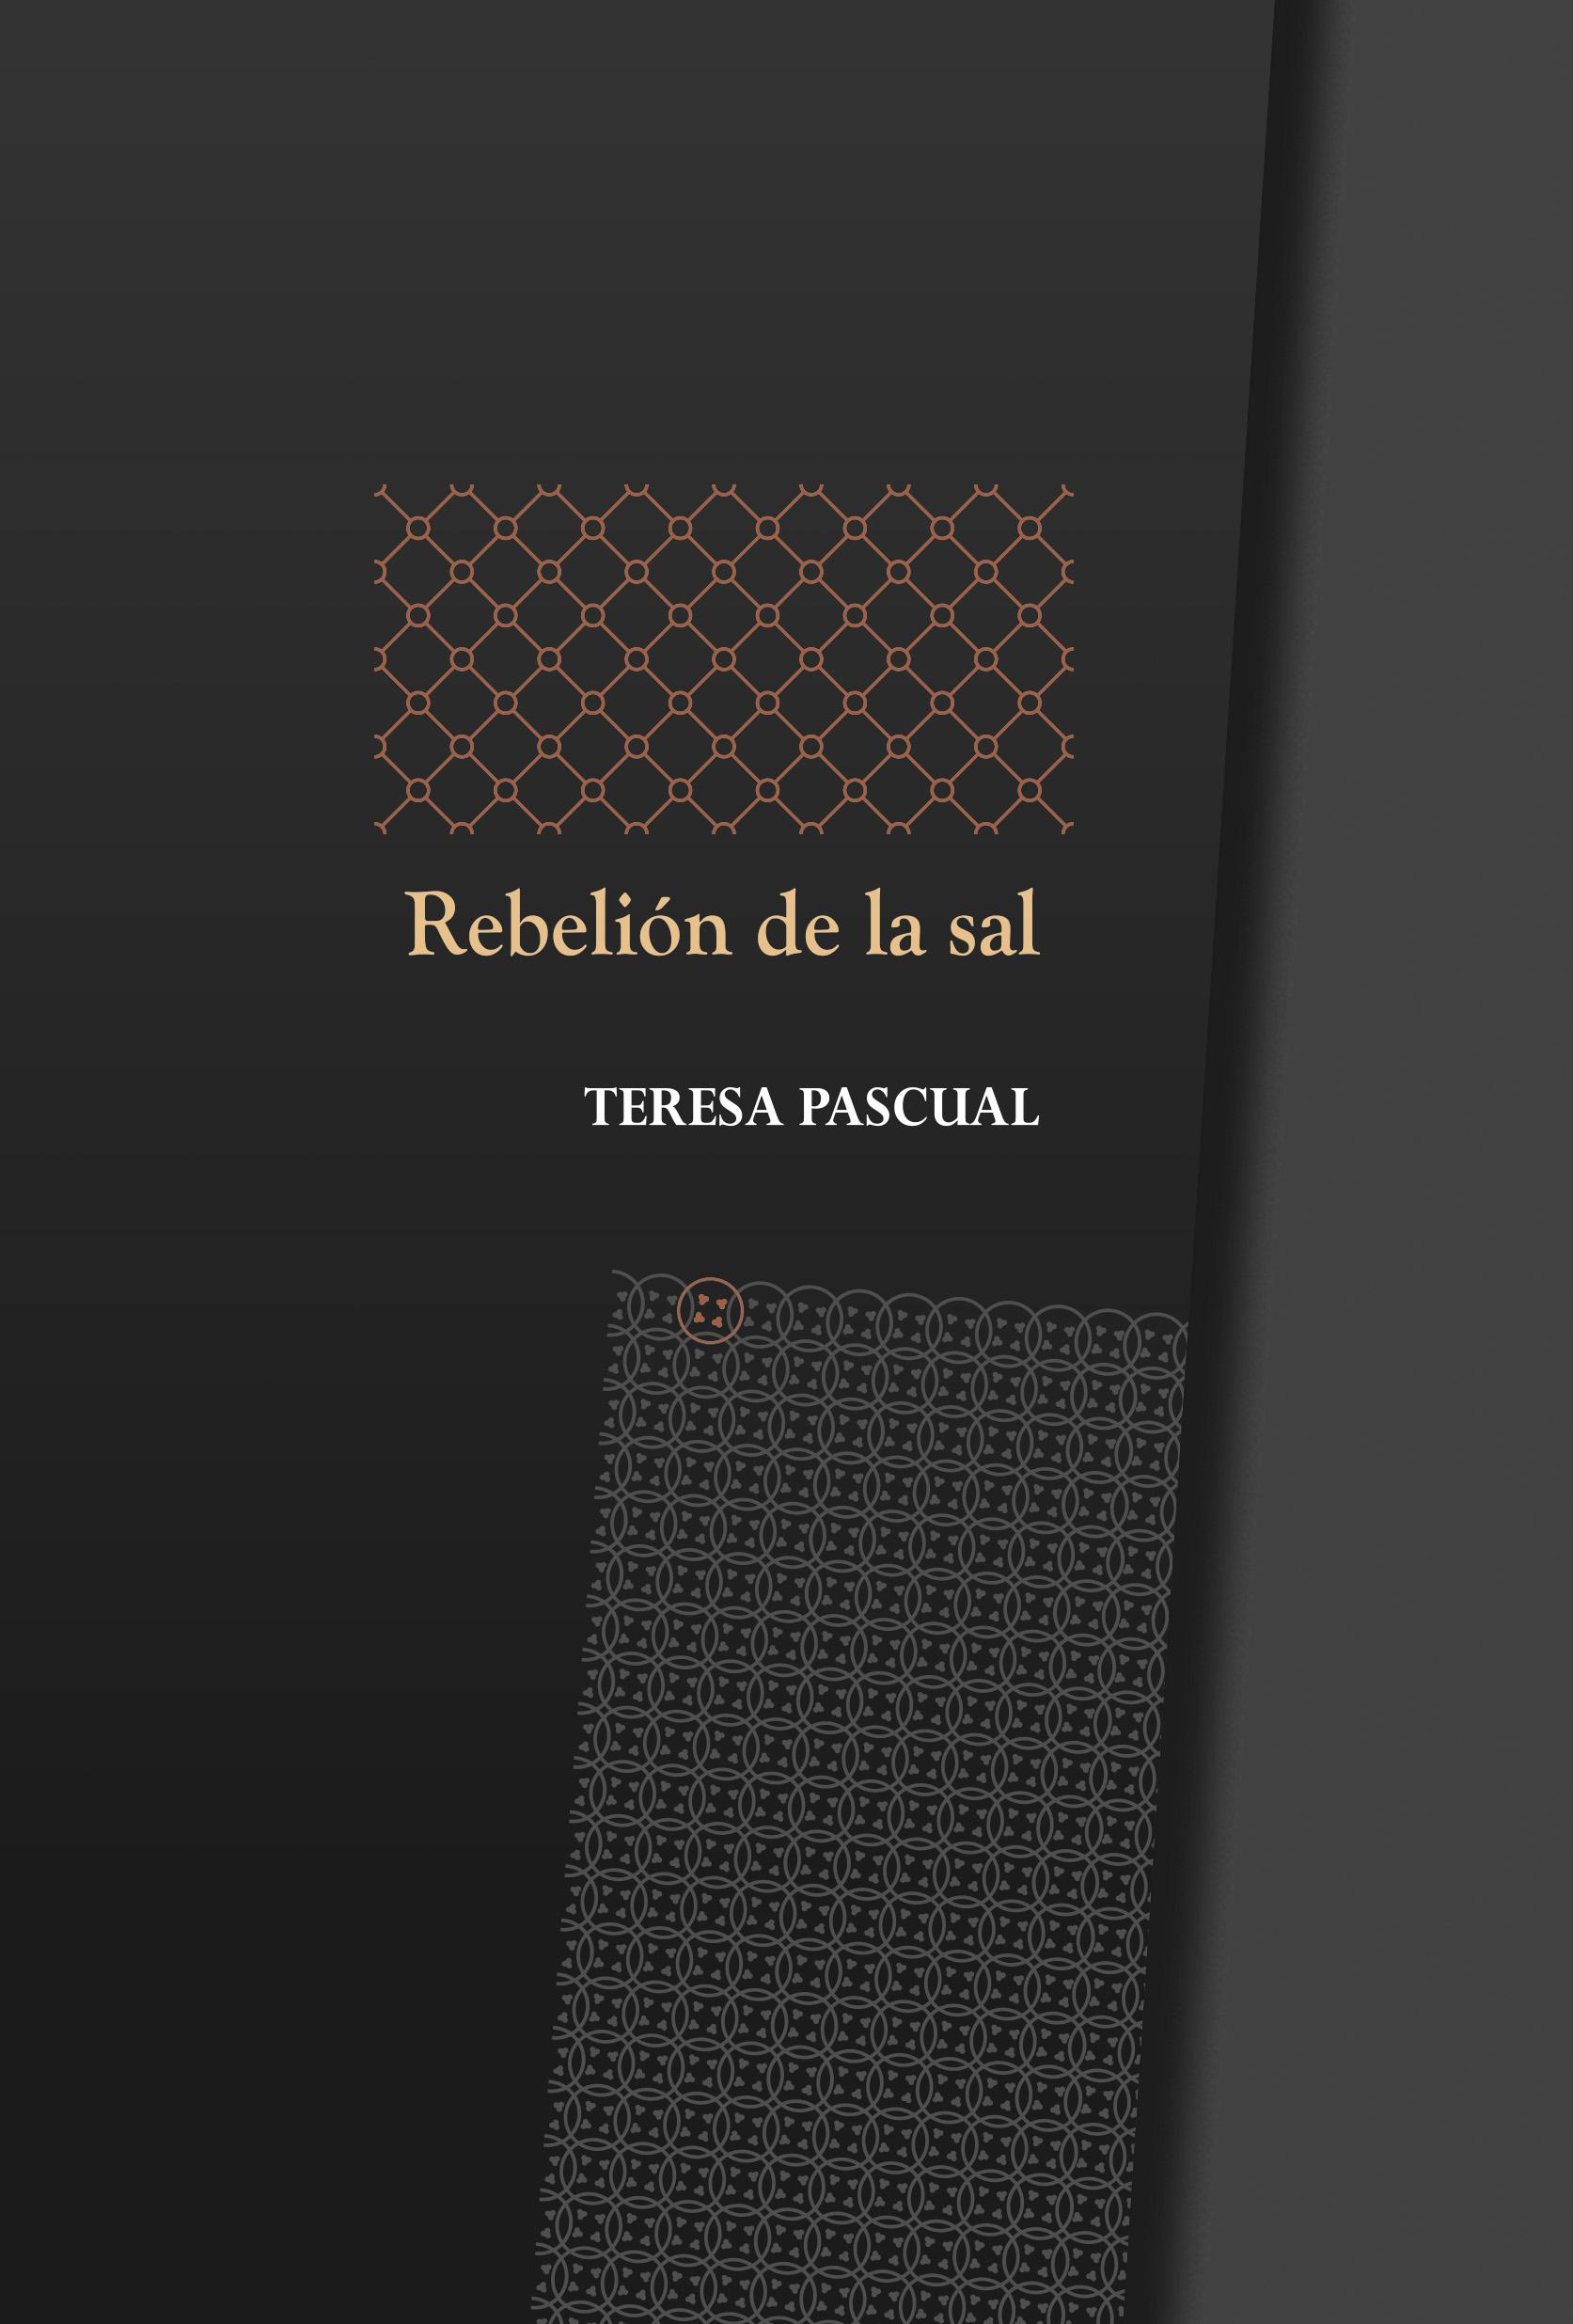 Rebelión de la sal - Teresa Pascual | La Garúa Poesía